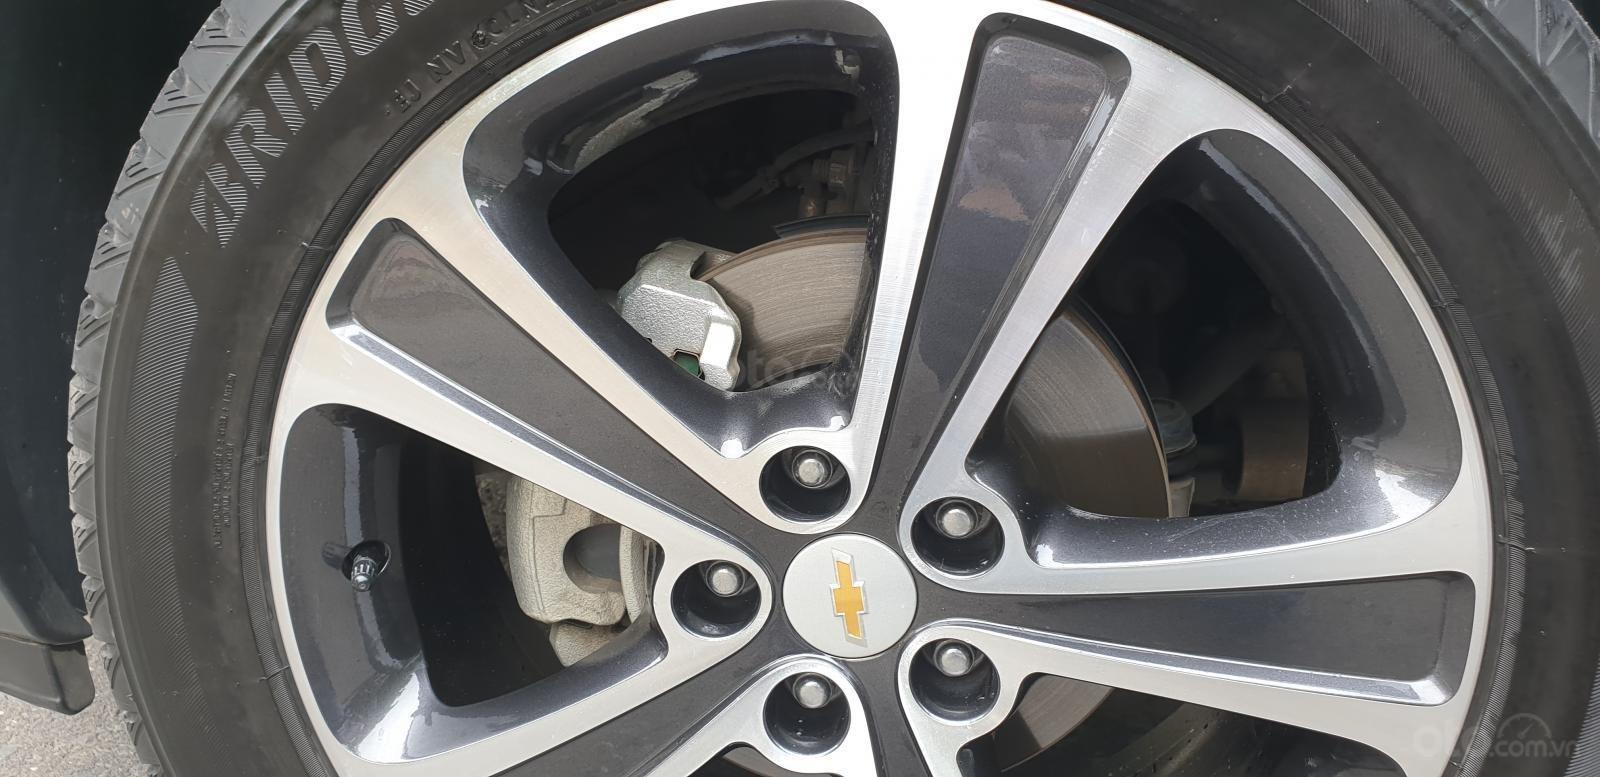 Bán Chevrolet Captiva LTZ máy Ecotec số tự động model 2016, SX T12/ 2015, màu trắng, đẹp mới 90% (25)